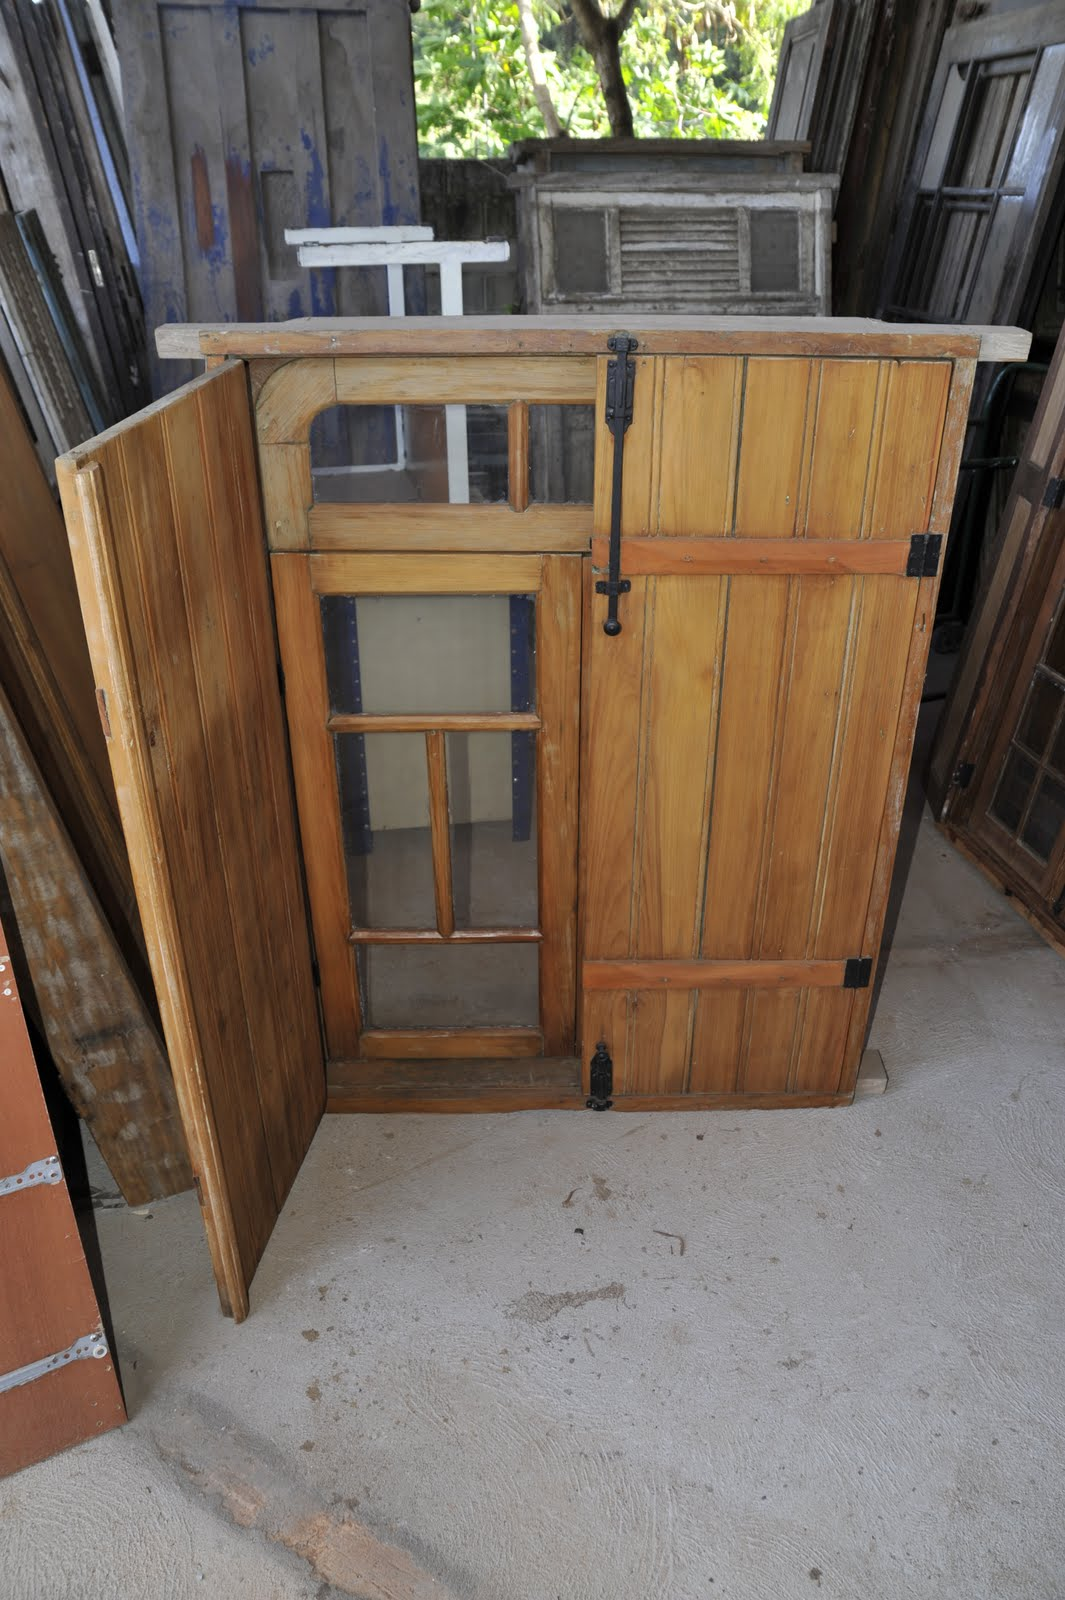 #8E6C3D Portas e Janelas Antigas: Compra e Venda de porta e janelas antigas. 1152 Portas E Janelas De Madeira Em Bh Preços